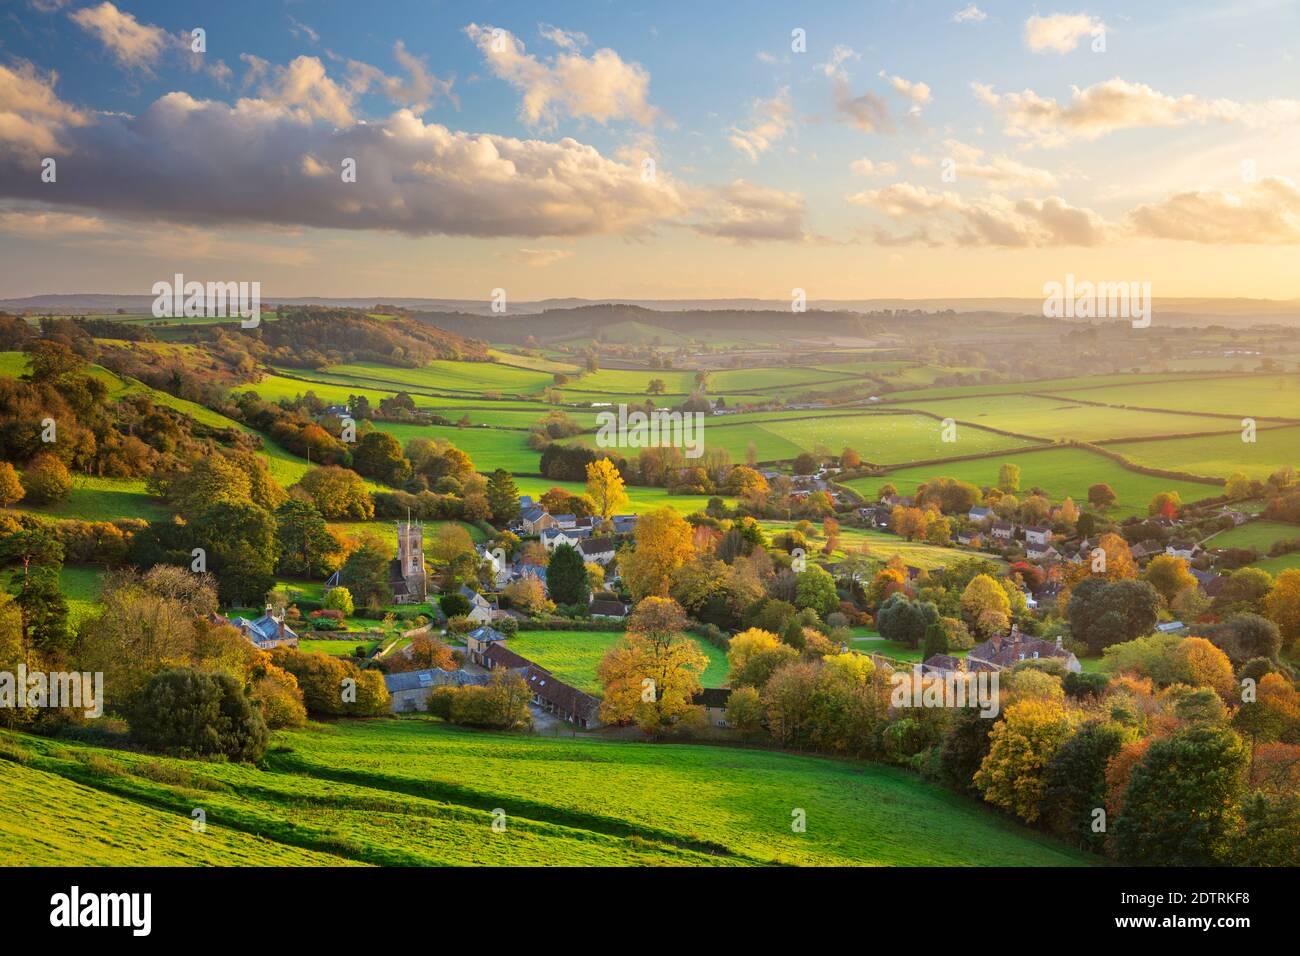 Ver en otoño sobre el pueblo de Corton Denham y el campo al atardecer, Corton Denham, Somerset, Inglaterra, Reino Unido, Europa Foto de stock